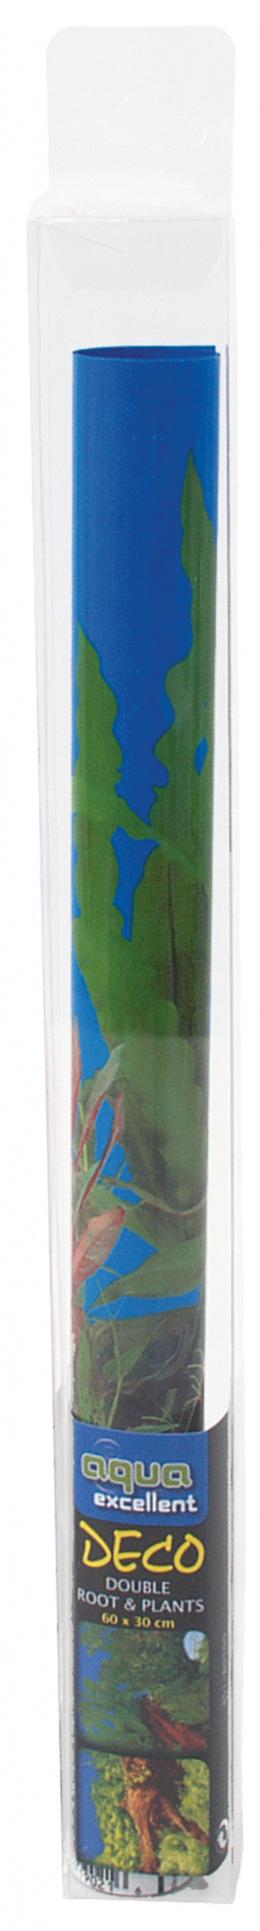 Фон для аквариума - Задний фон двусторонний 150*60cm